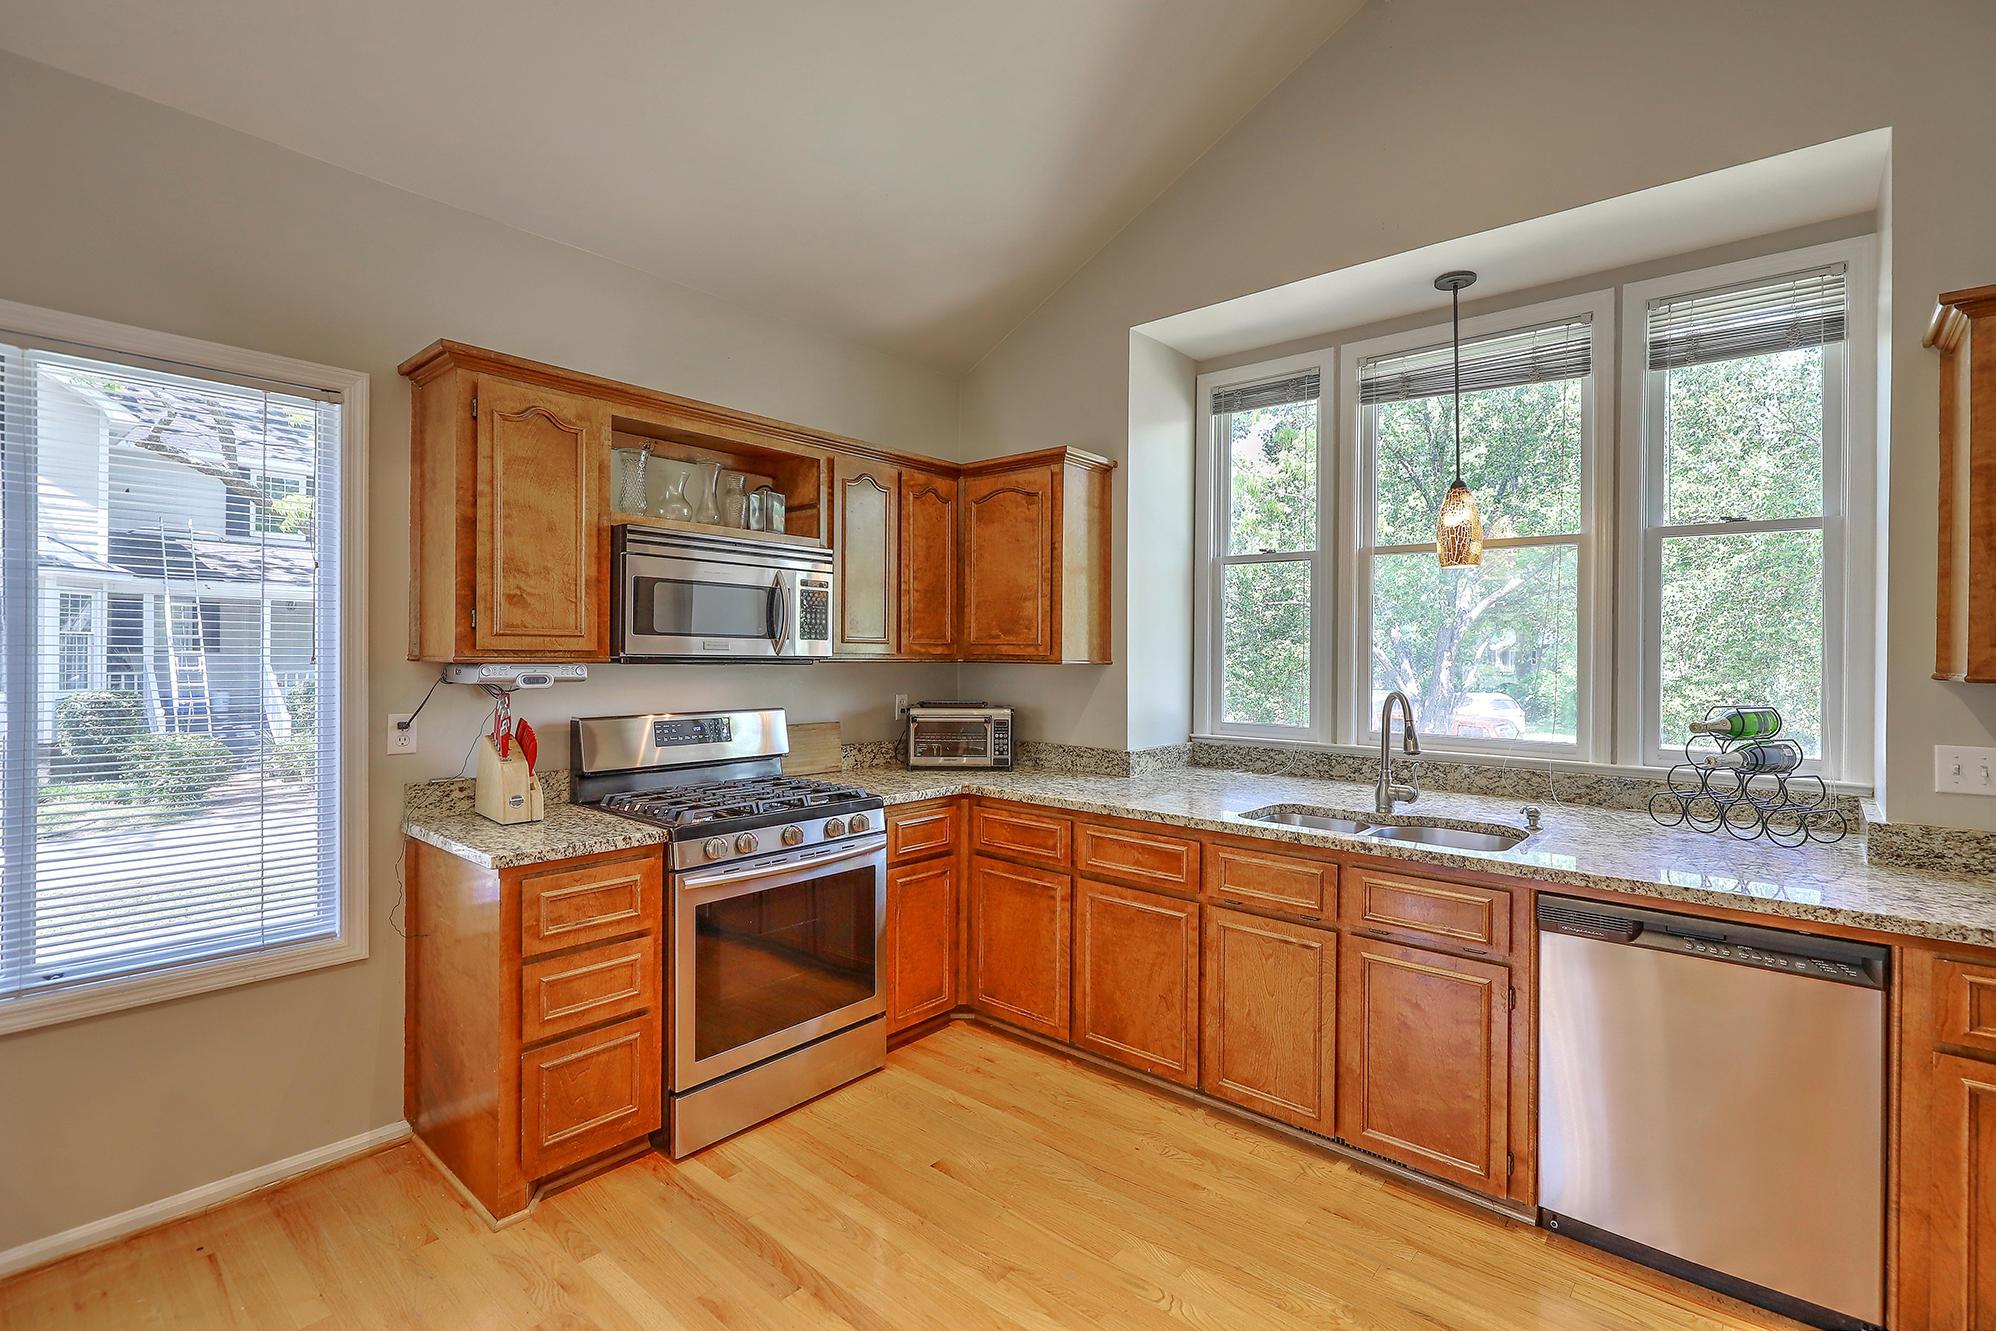 Wakendaw Lakes Homes For Sale - 640 Serotina, Mount Pleasant, SC - 7